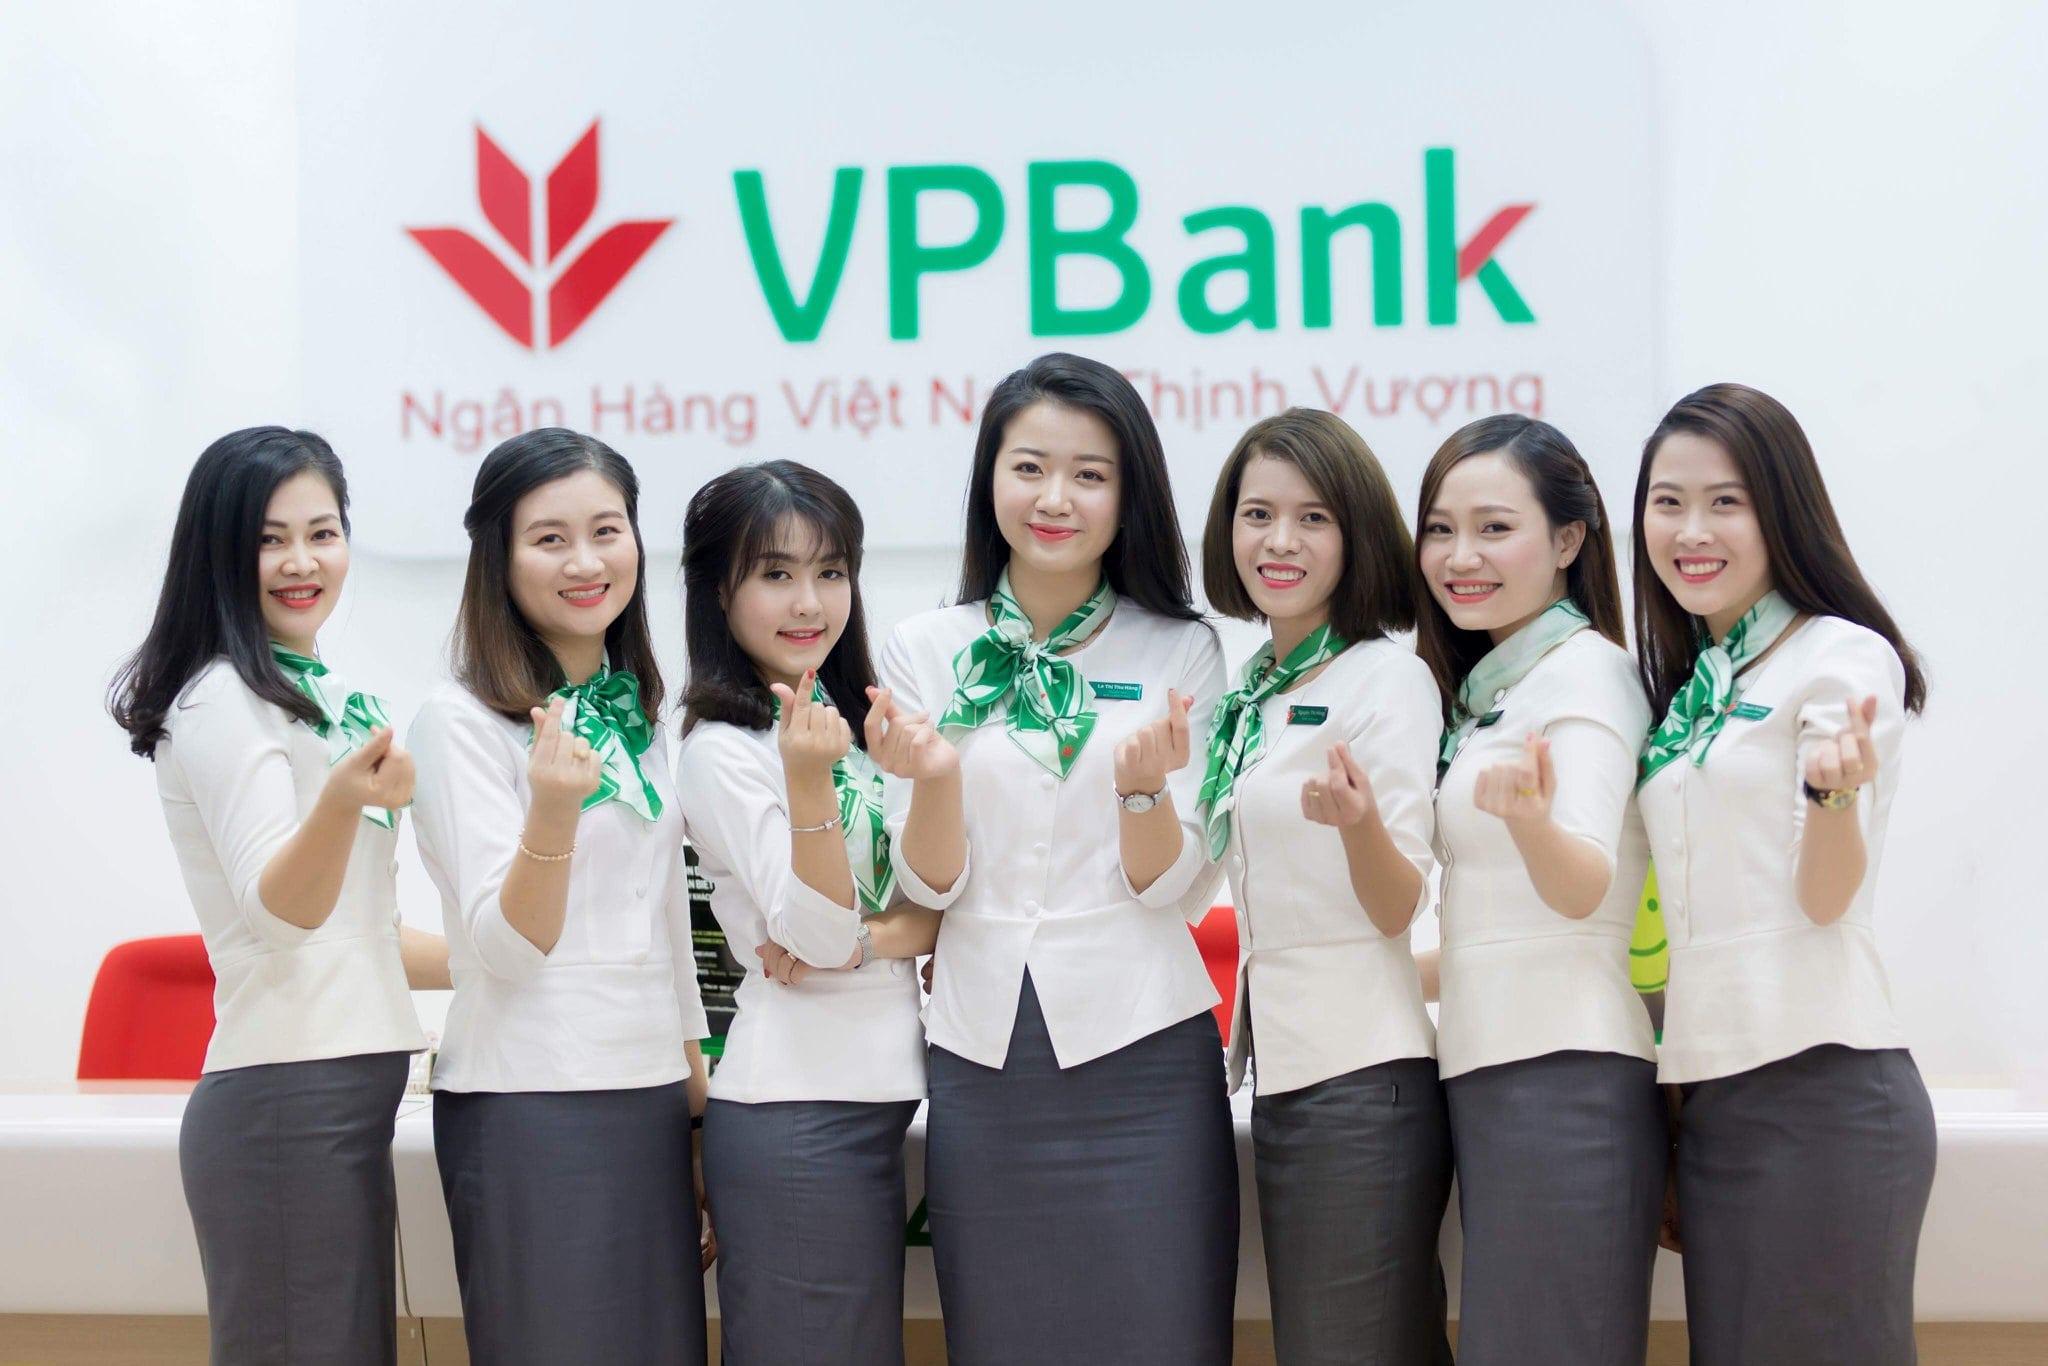 Mẫu đồng phục ngân hàng